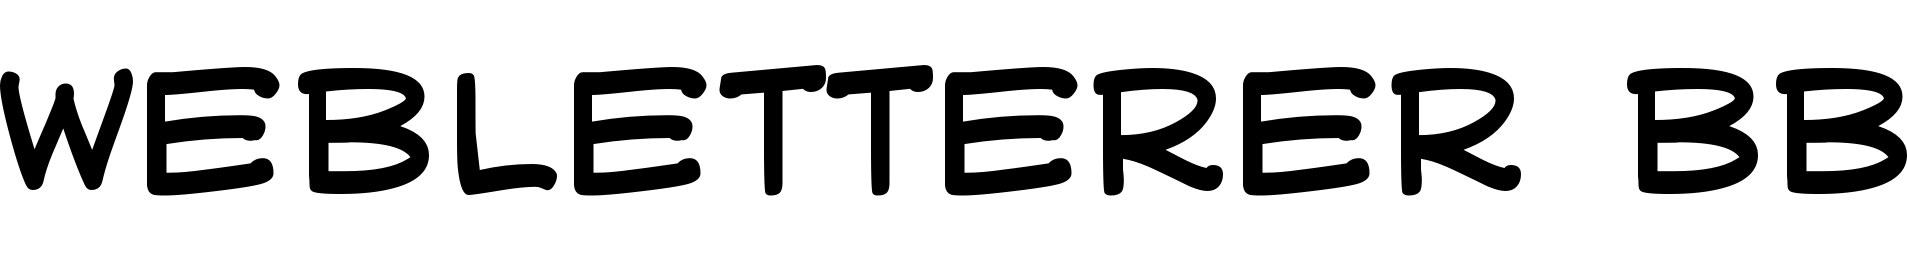 WebLetterer BB